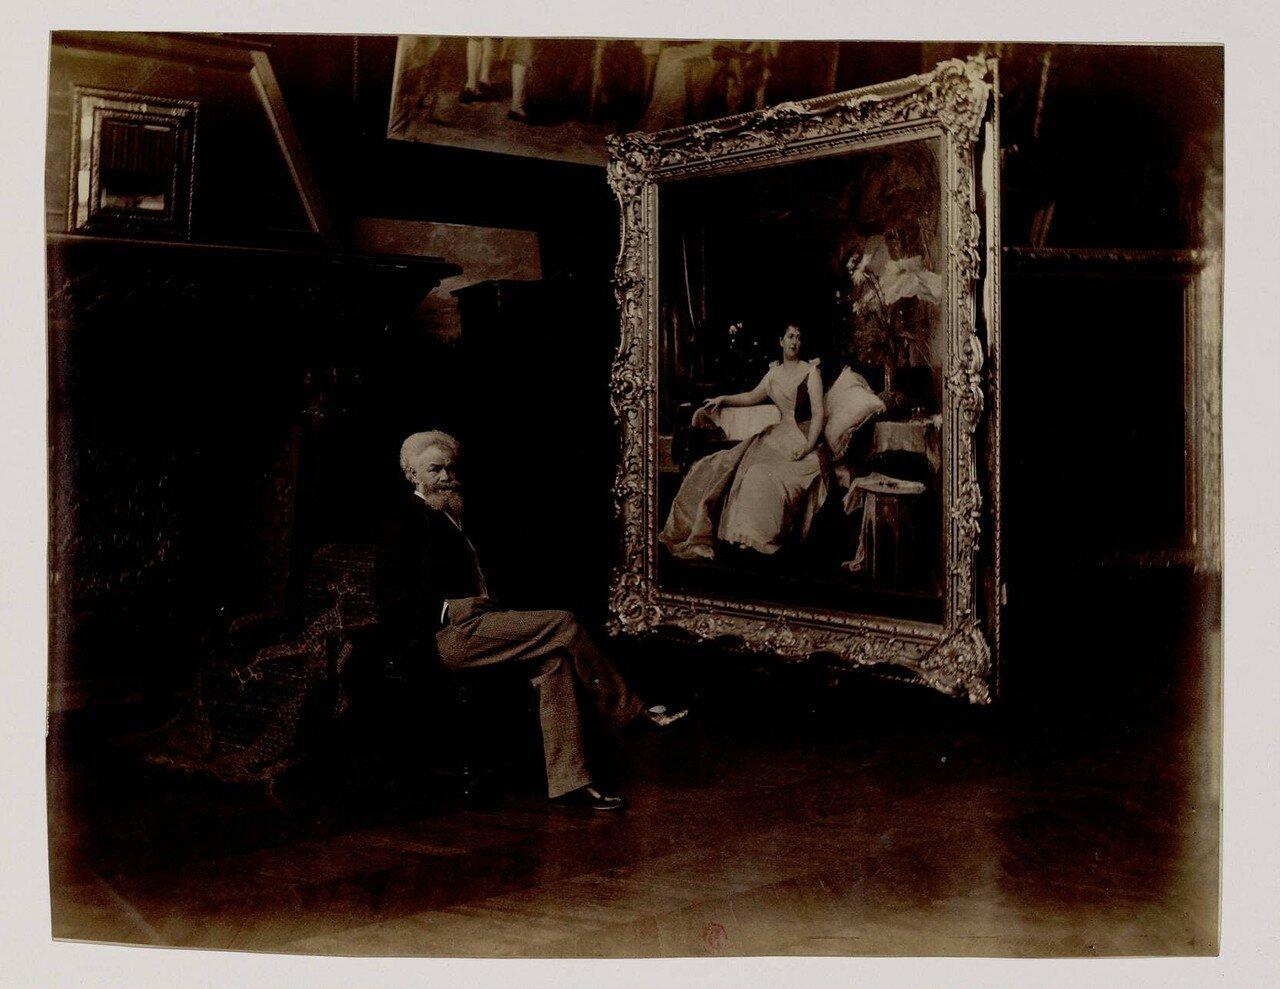 01. Михай Мункачи (1844-1900),  венгерский художник реалистического направления, мастер портретной, жанровой и исторической живописи.